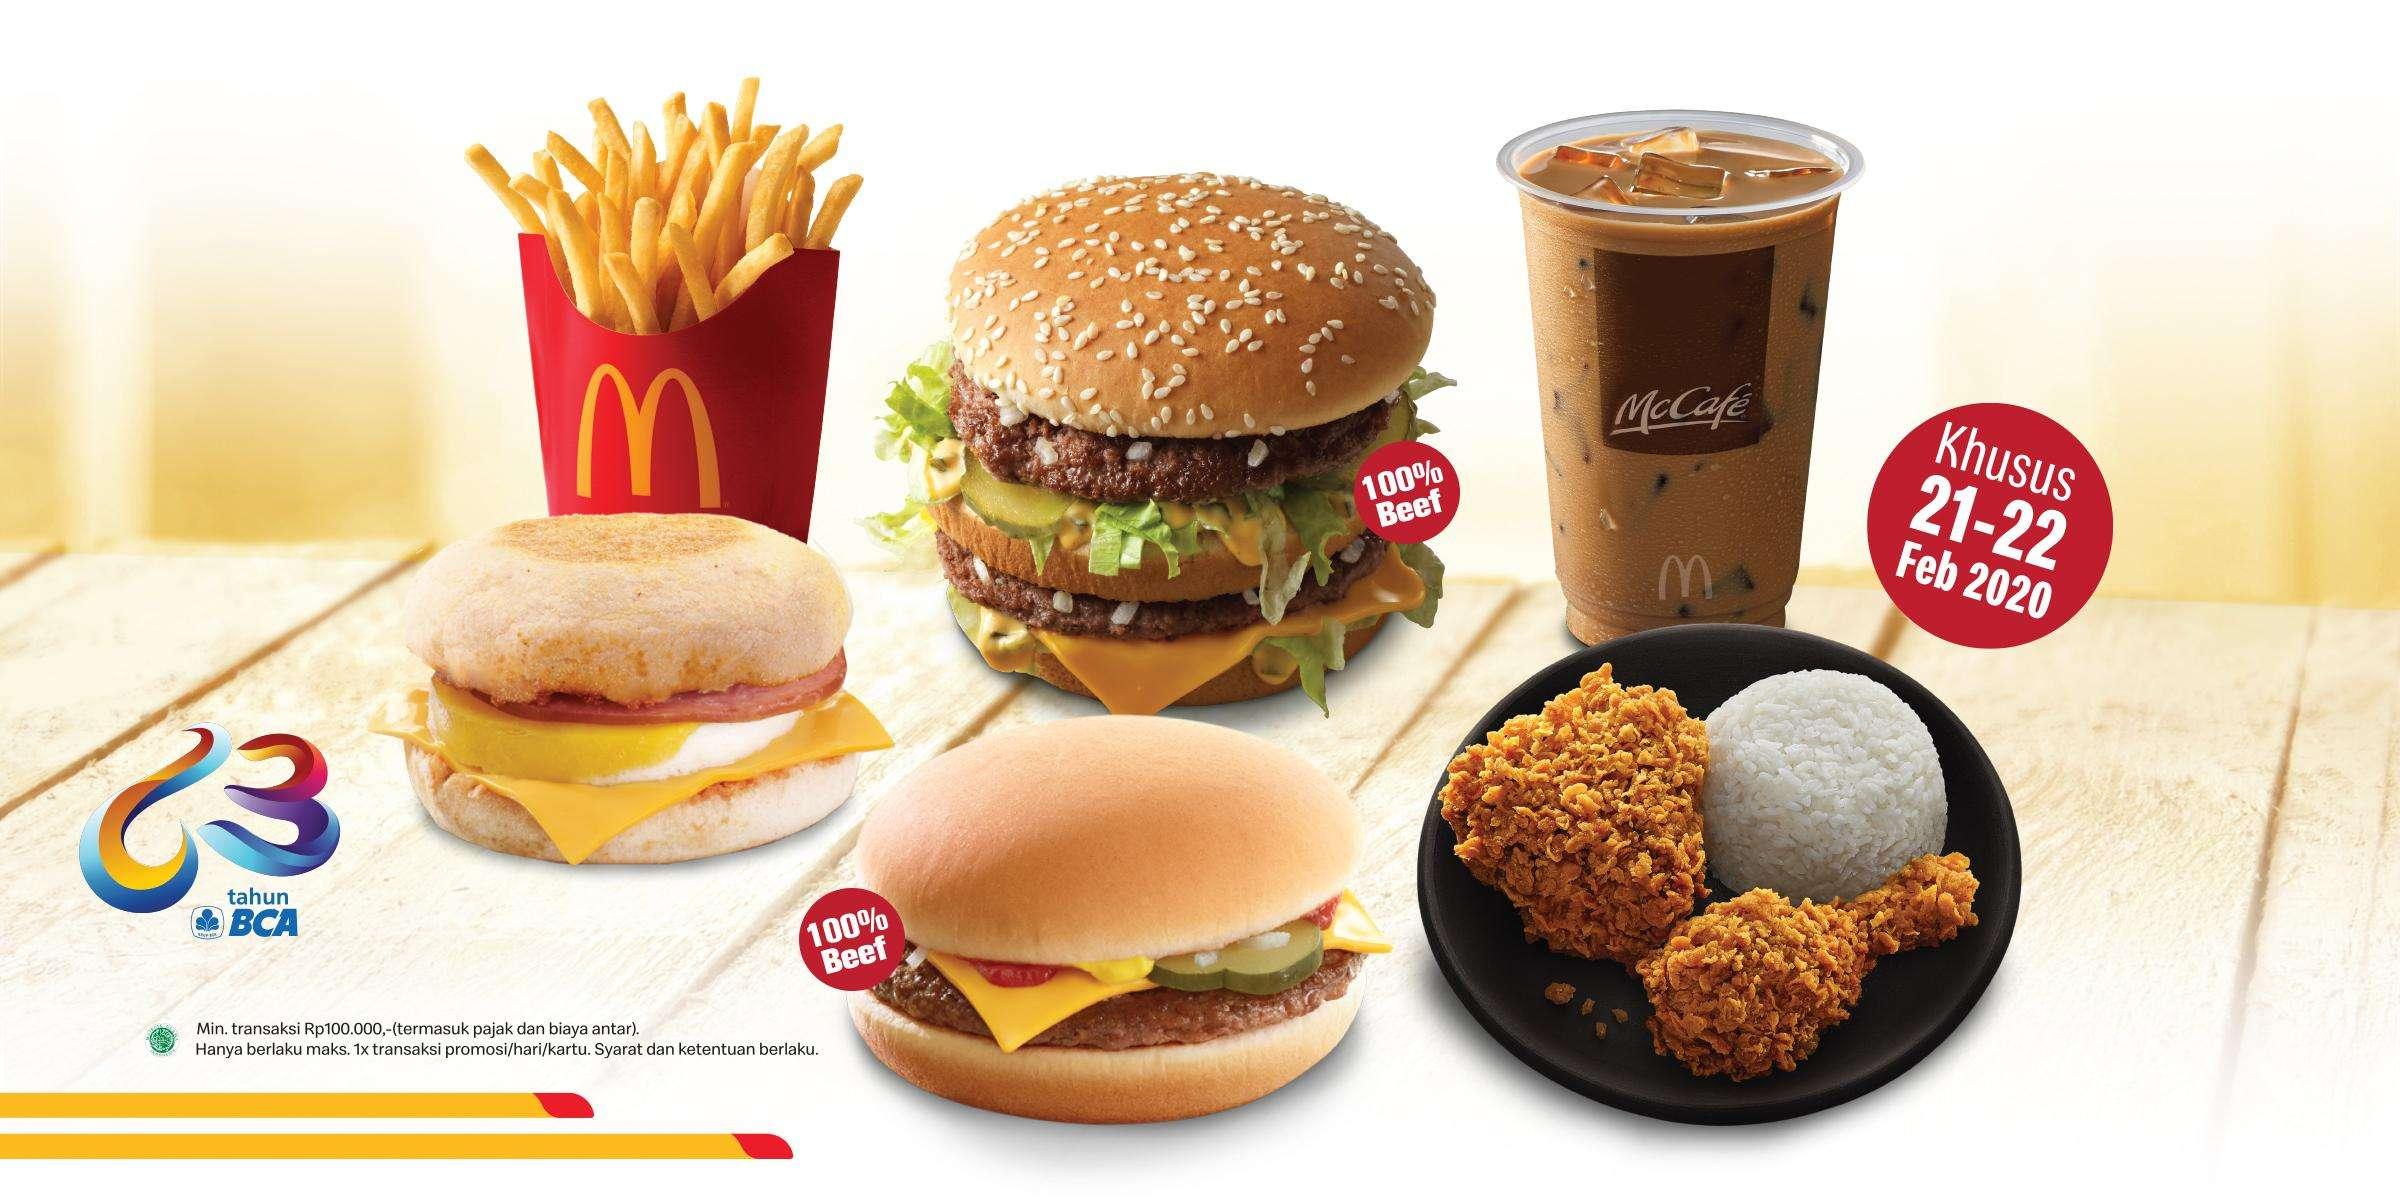 McDonalds Promo Diskon Rp. 63.000 Pembayaran Menggunakan Kartu Kredit BCA Khusus Pembelian Online